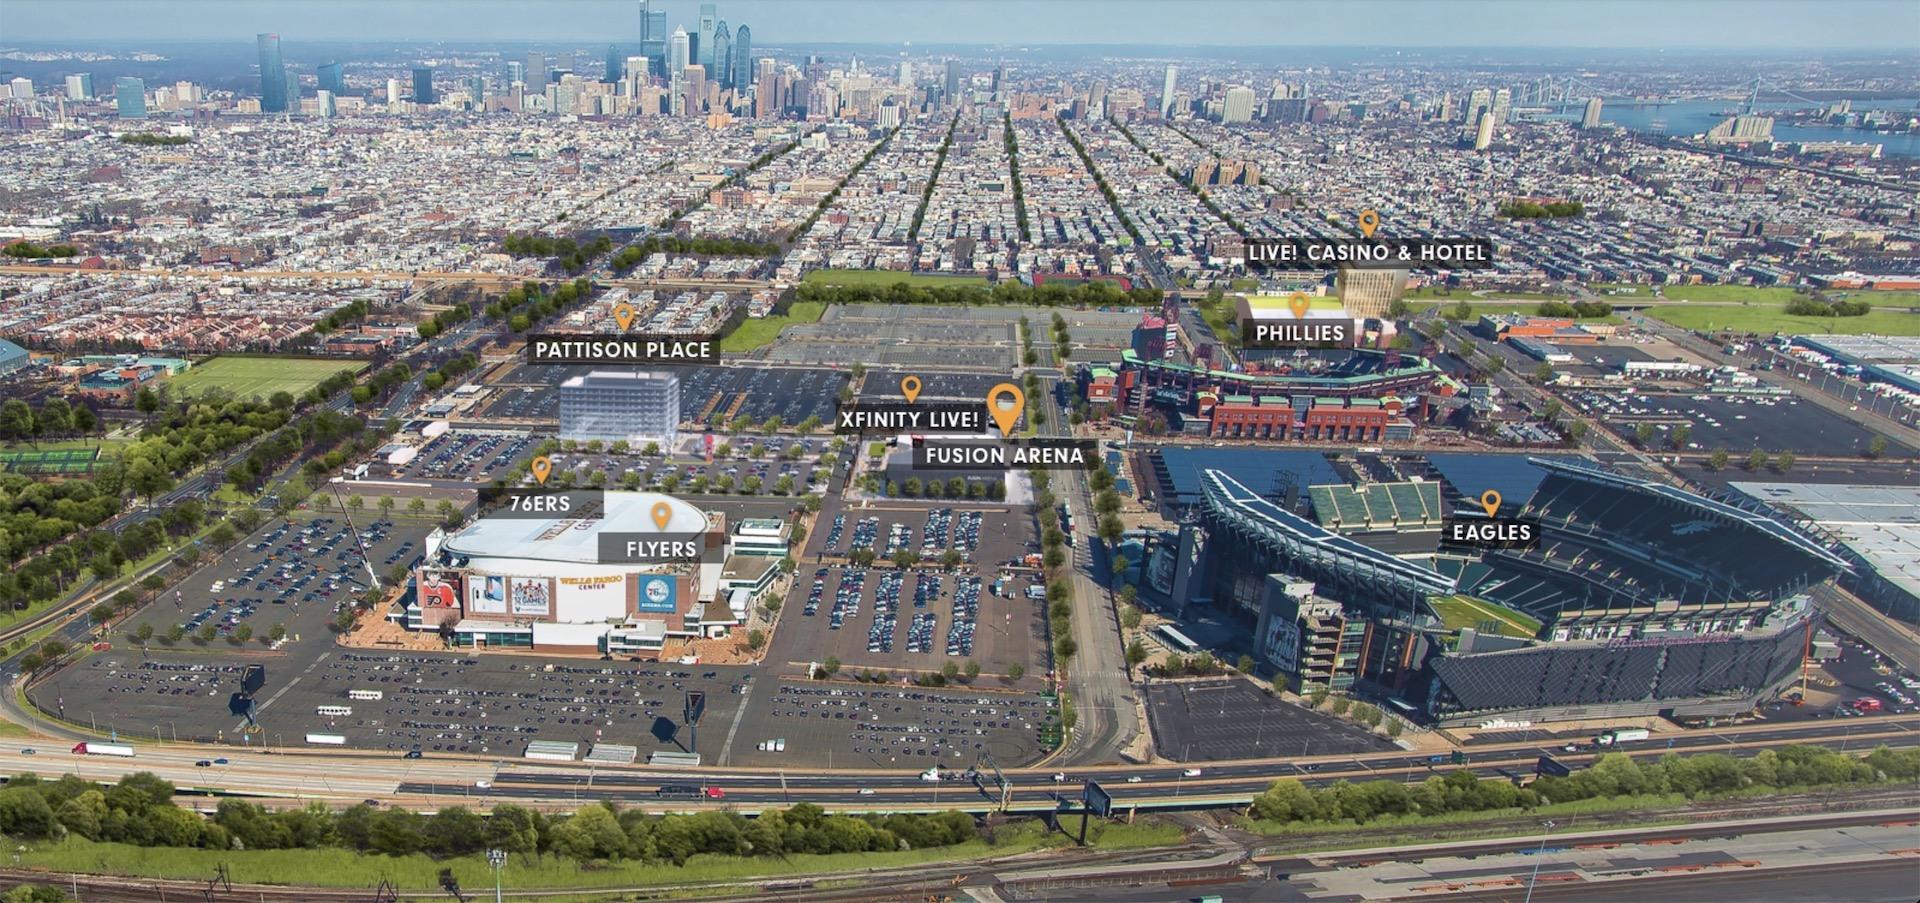 Plánovaná Fusion Arena se bude nacházet v těsné blízkosti dalších sportovních stadionů